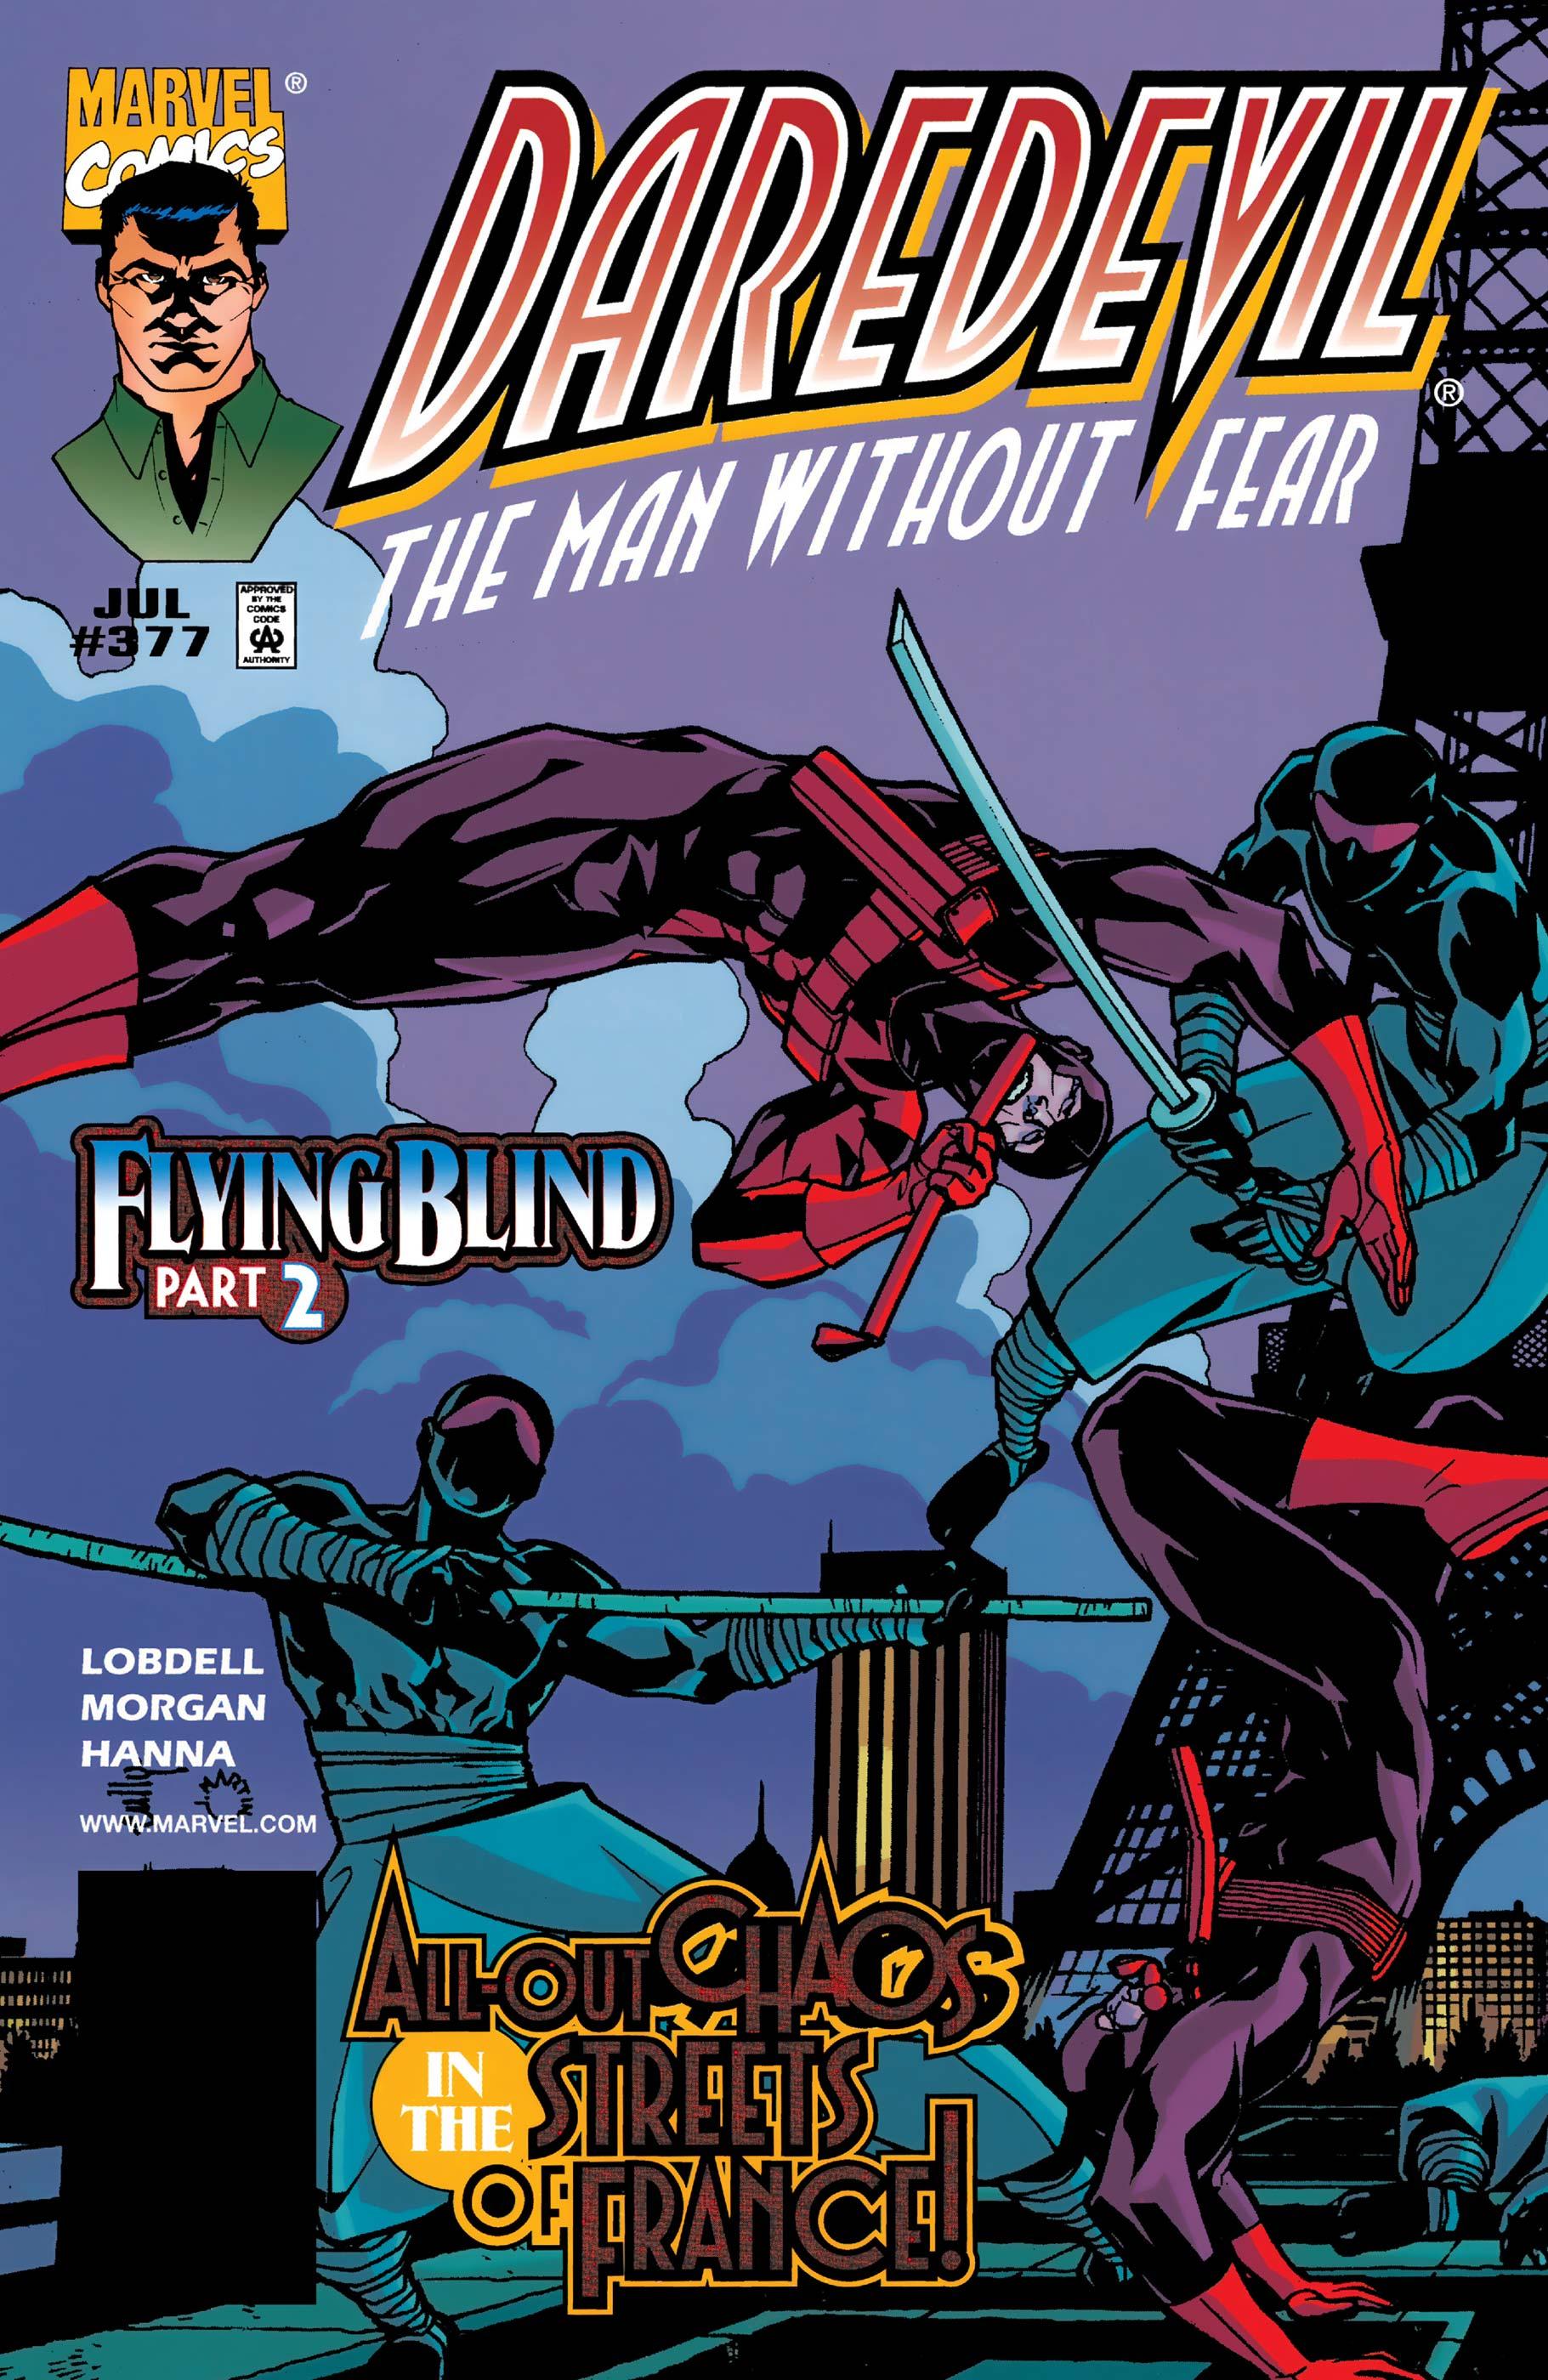 Daredevil (1964) #377